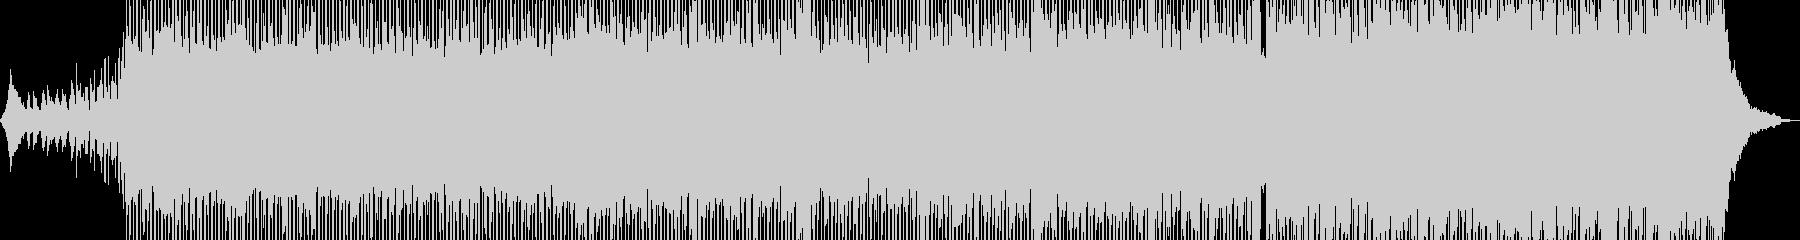 無機質でドライ・ダークなテクノ Aの未再生の波形